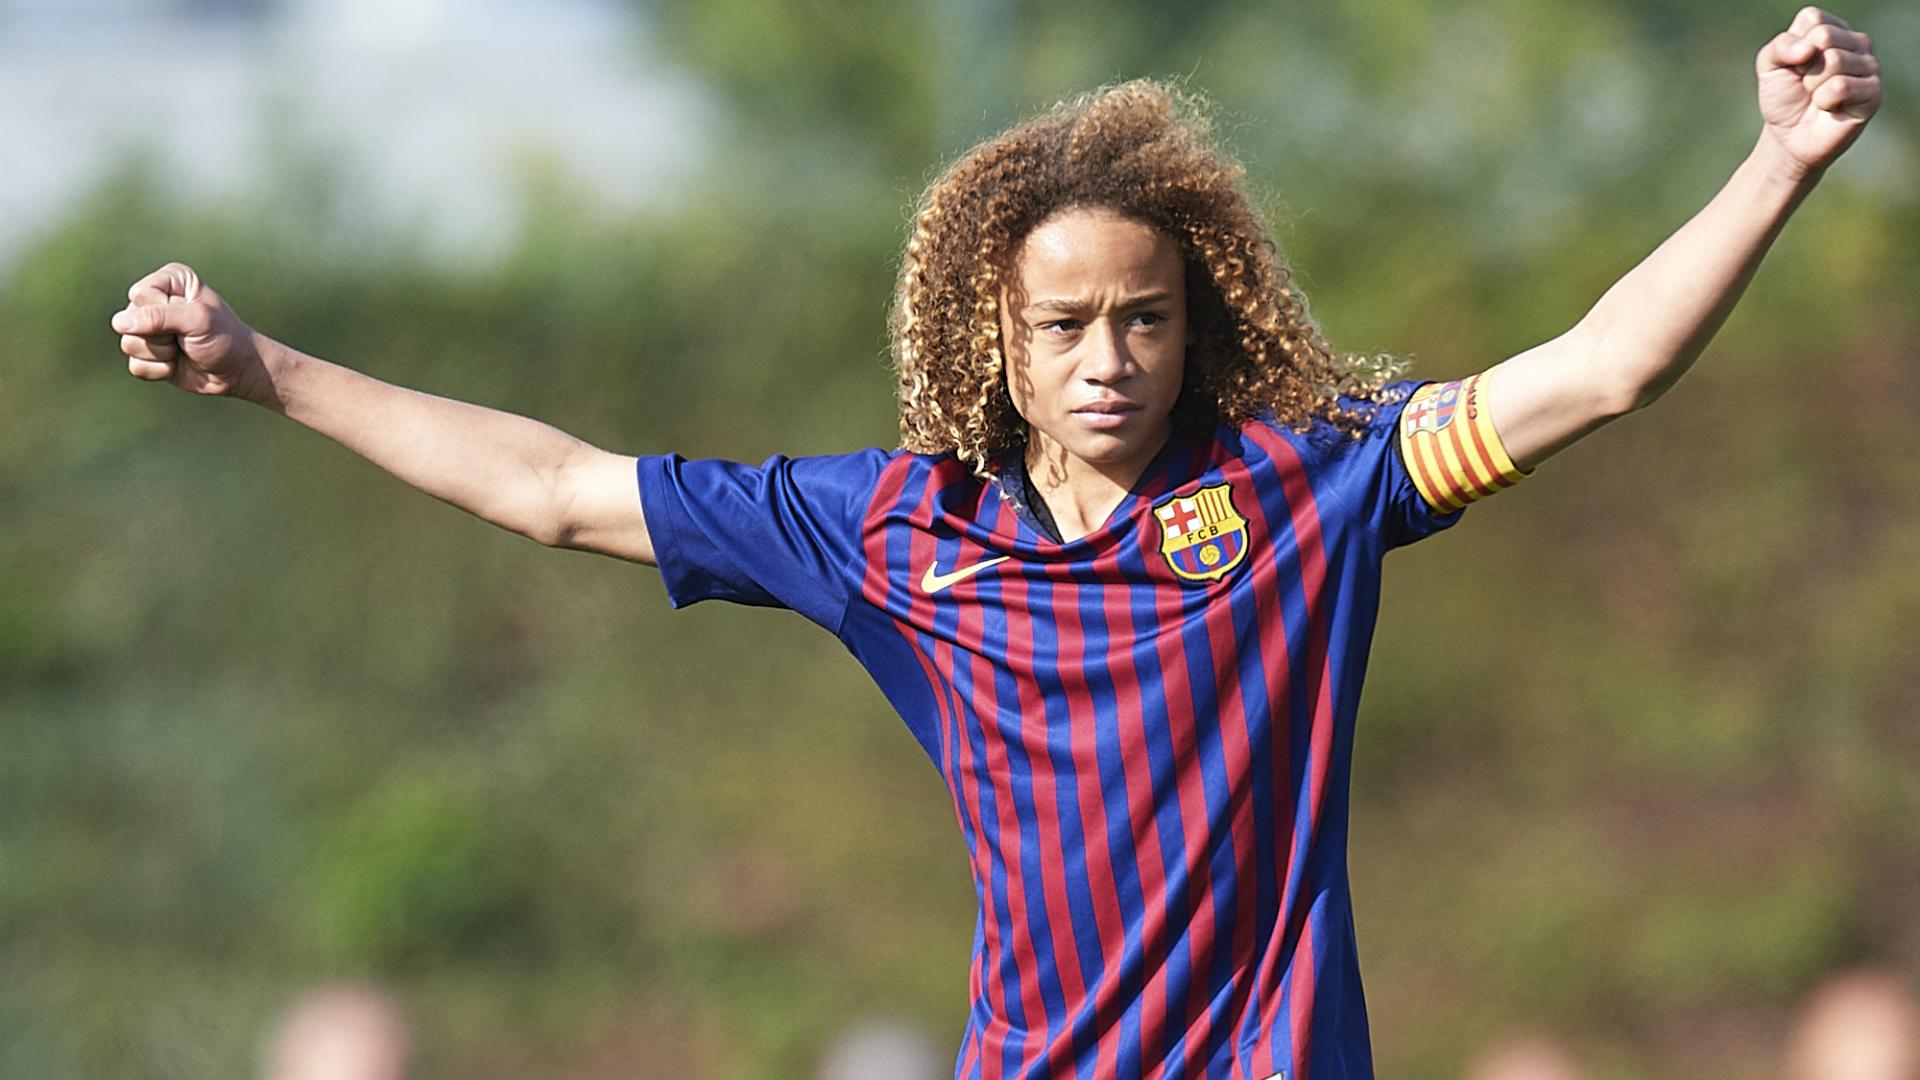 Lo que ganará el juvenil que se fue del Barça al PSG | ECUAGOL